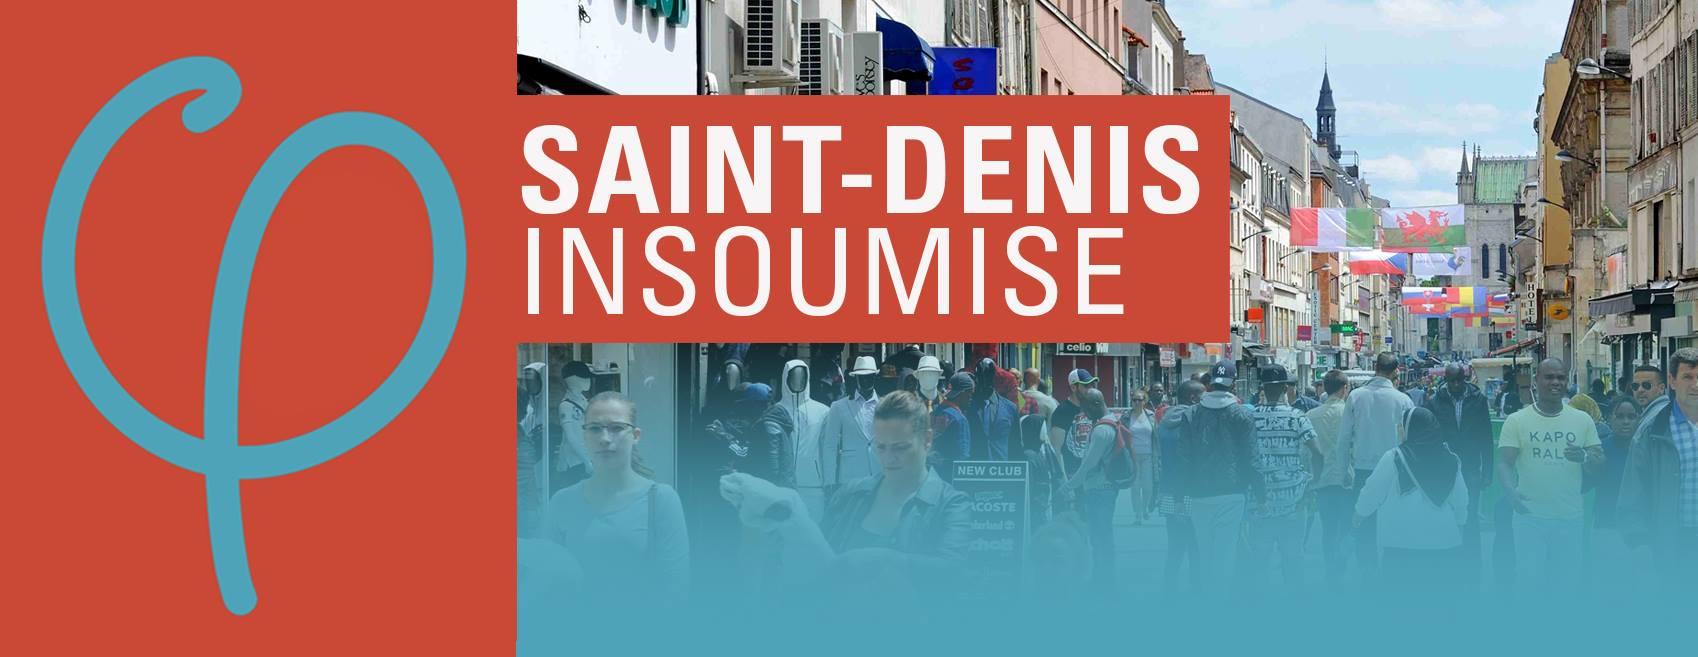 [#DÉCLARATION DES INSOUMISES et INSOUMIS DE SAINT-DENIS ! Bally BAGAYOKO]